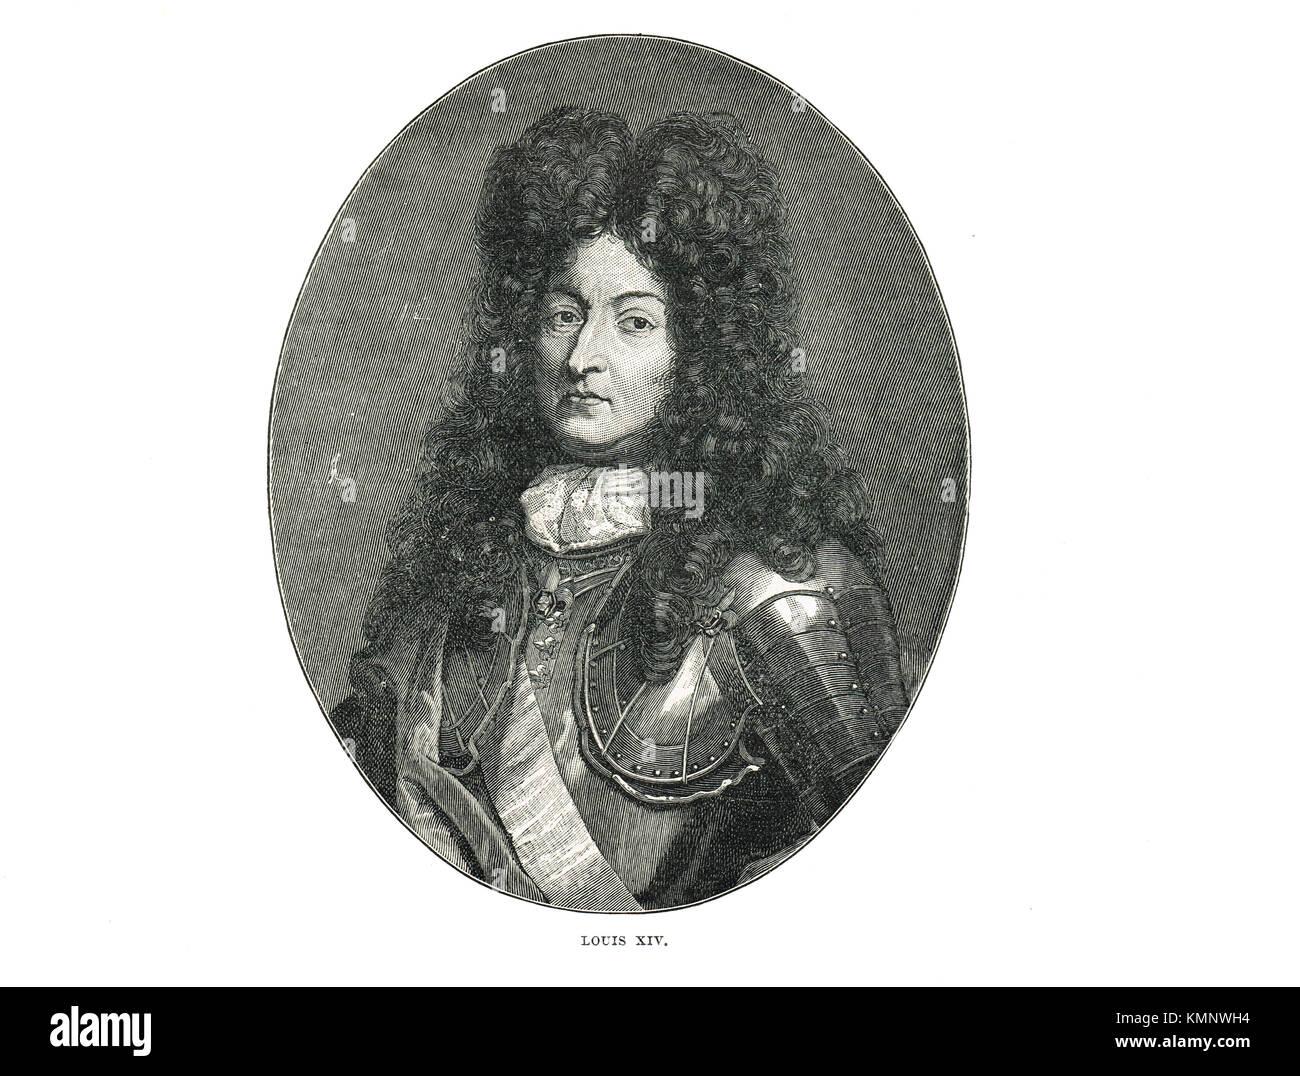 Louis XIV de France, le Roi Soleil (1638-1715), qui régna de 1643-1715 Banque D'Images